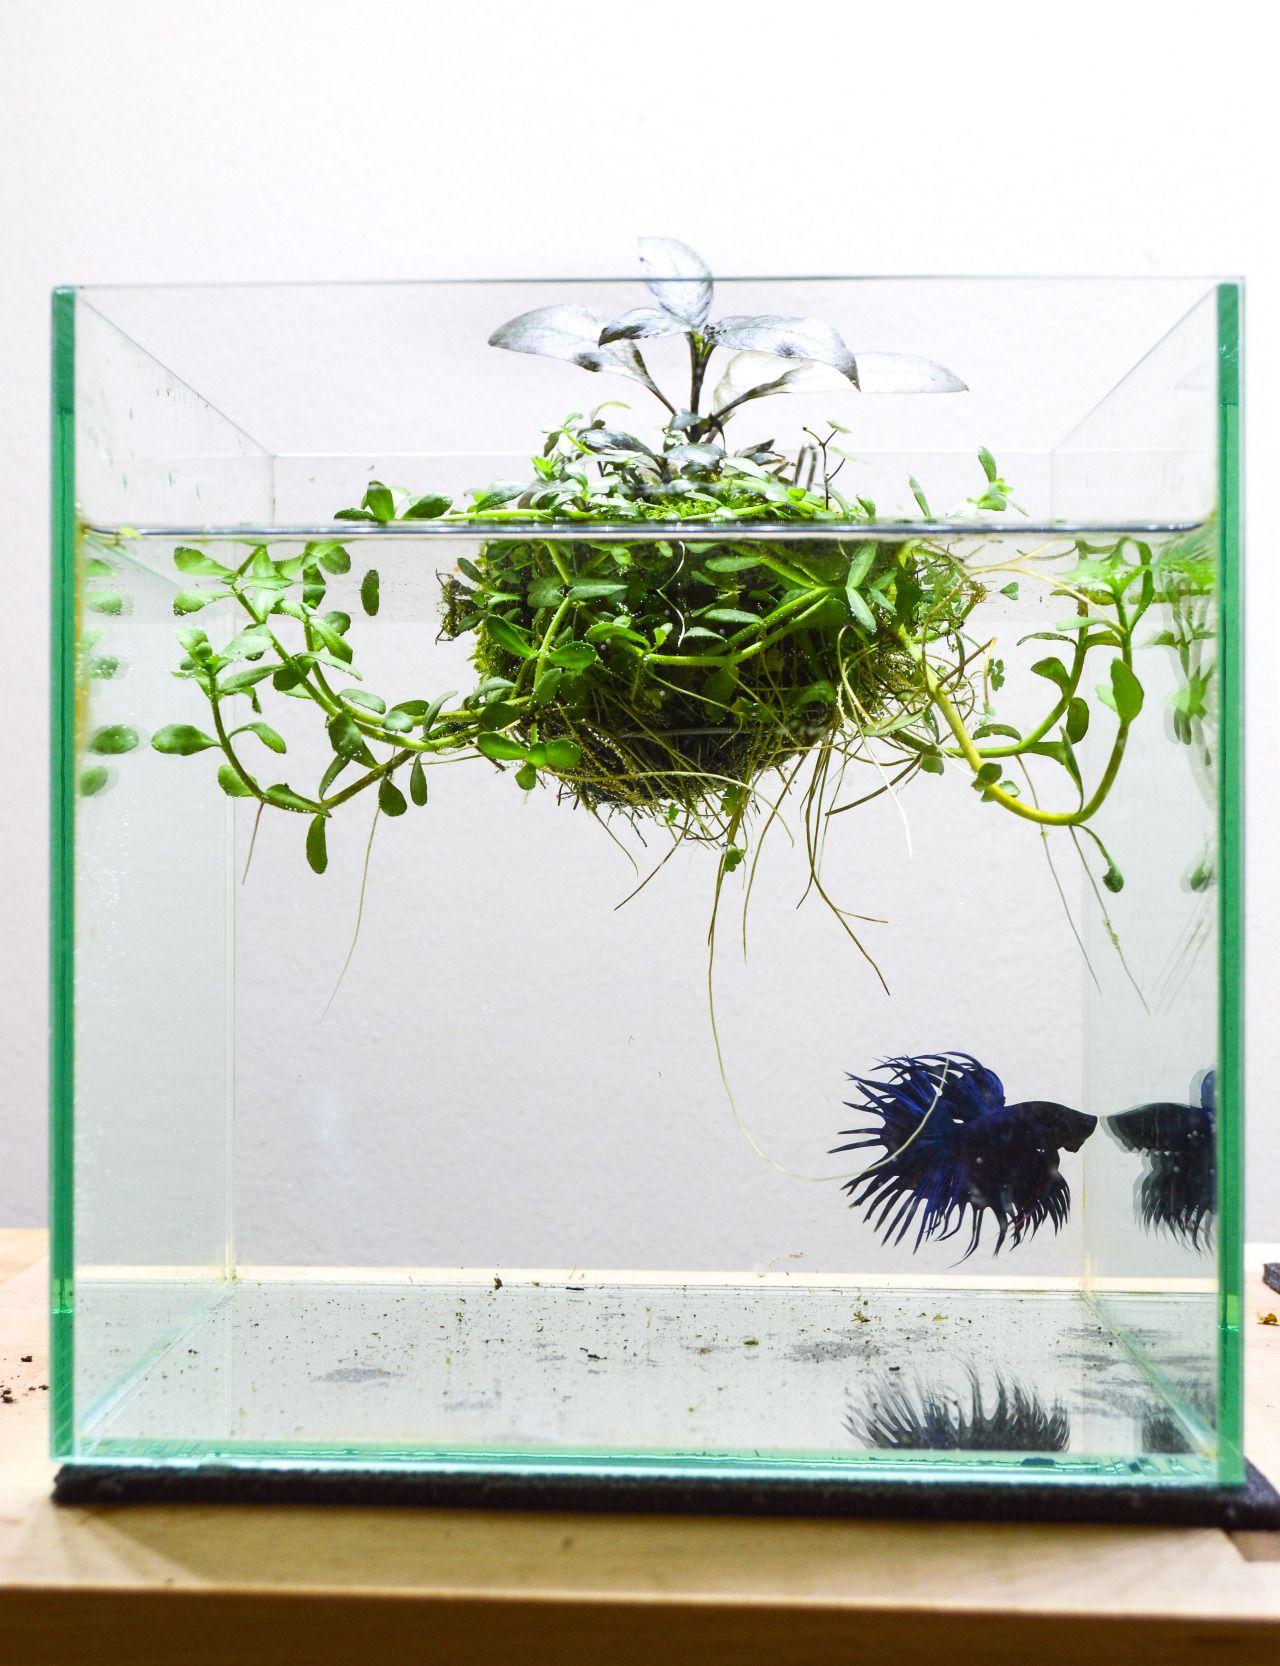 21 Best Aquascaping Design Ideas to Decor Your Aquarium - Tips ...